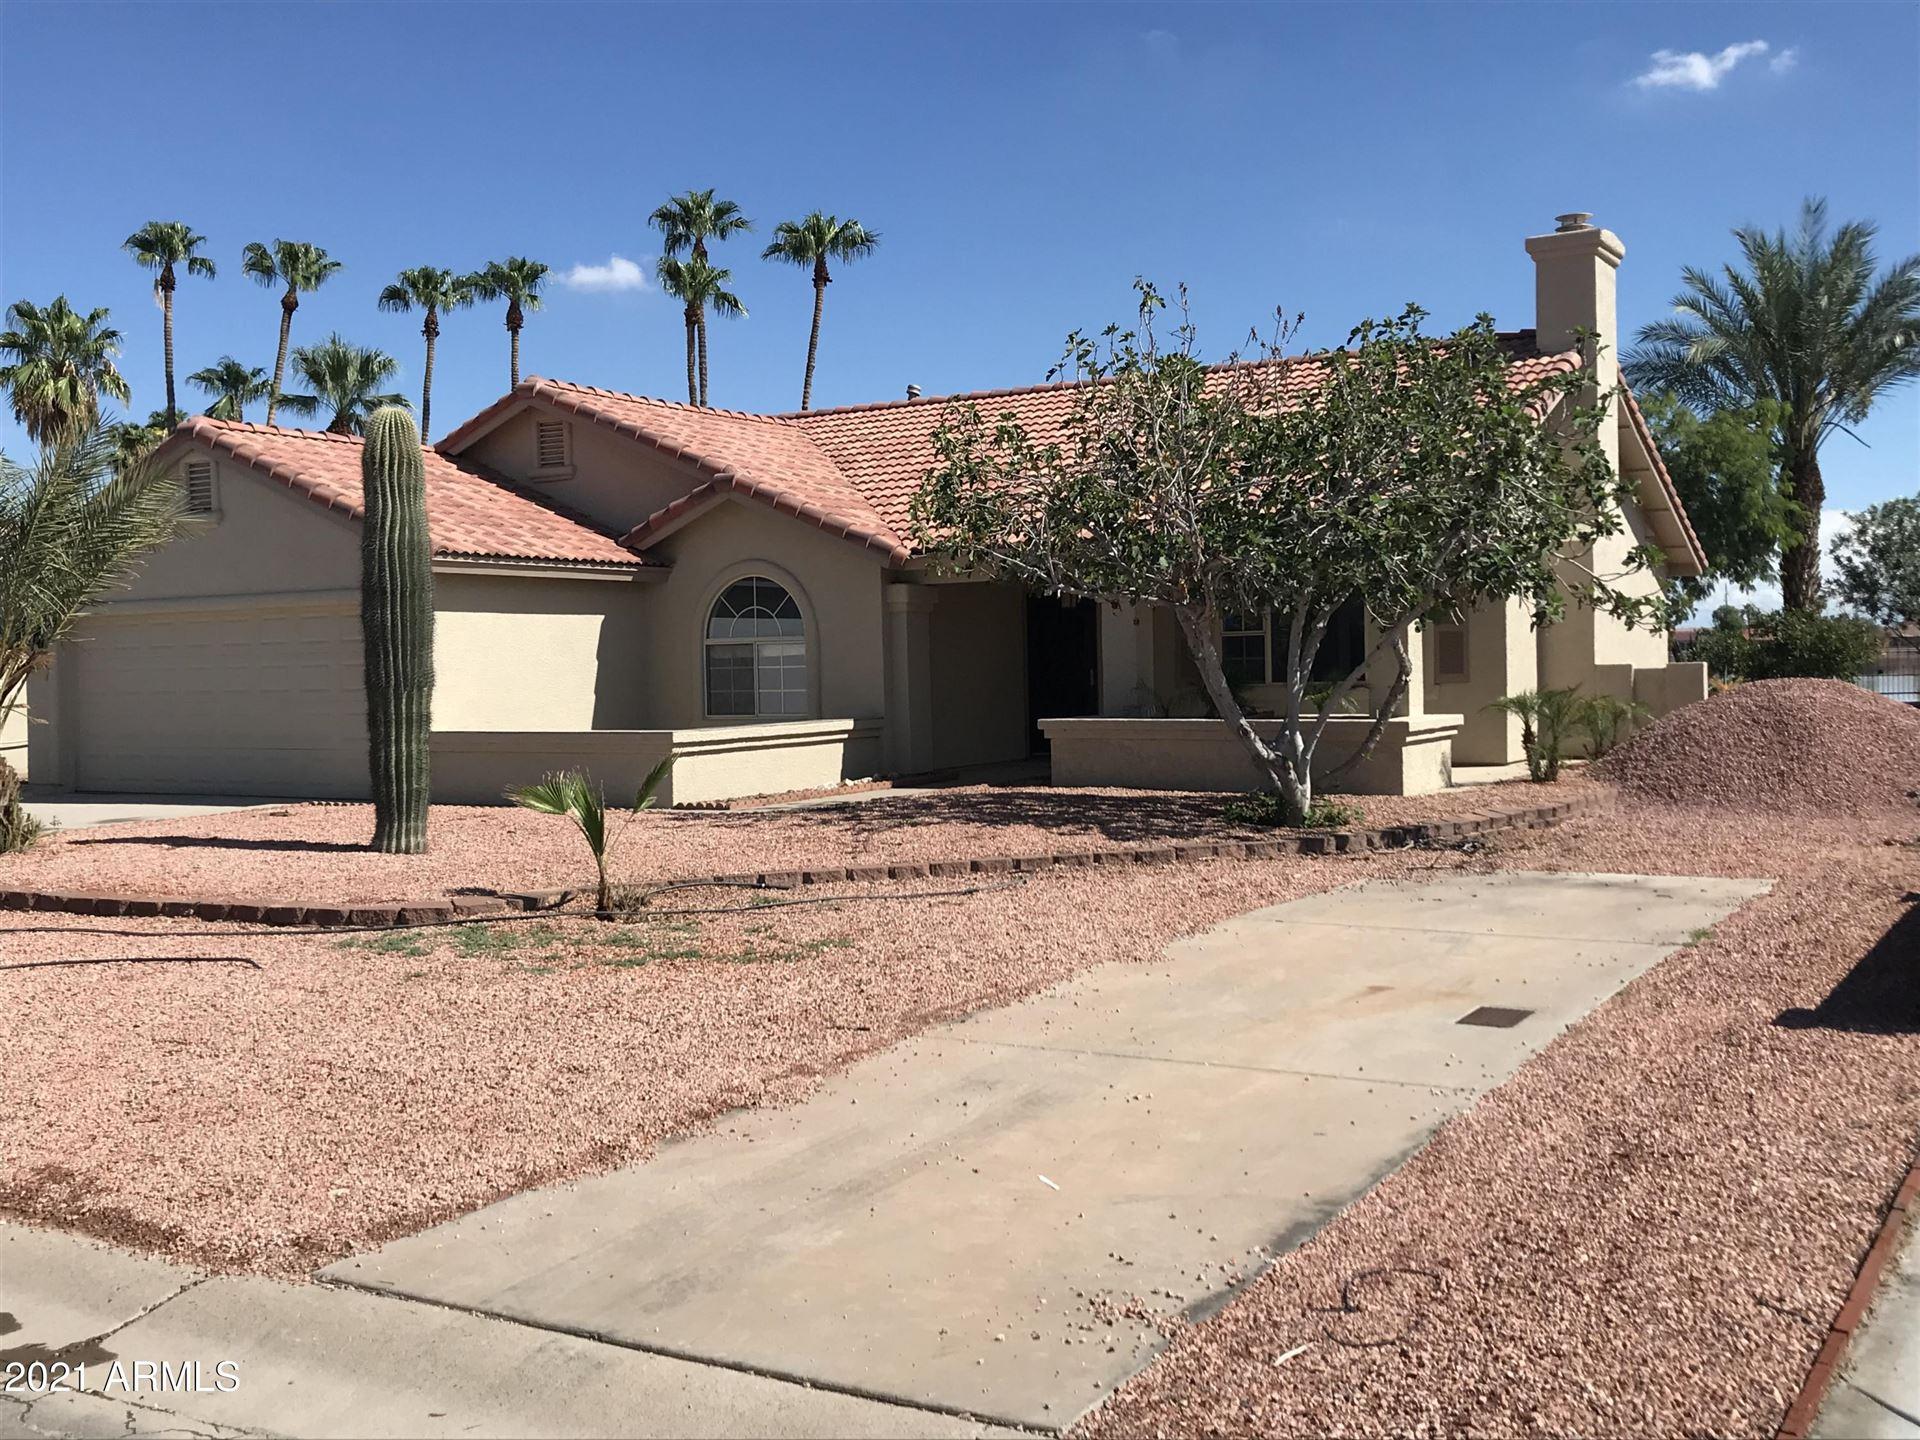 10331 W MONACO Boulevard, Arizona City, AZ 85123 - MLS#: 6279194